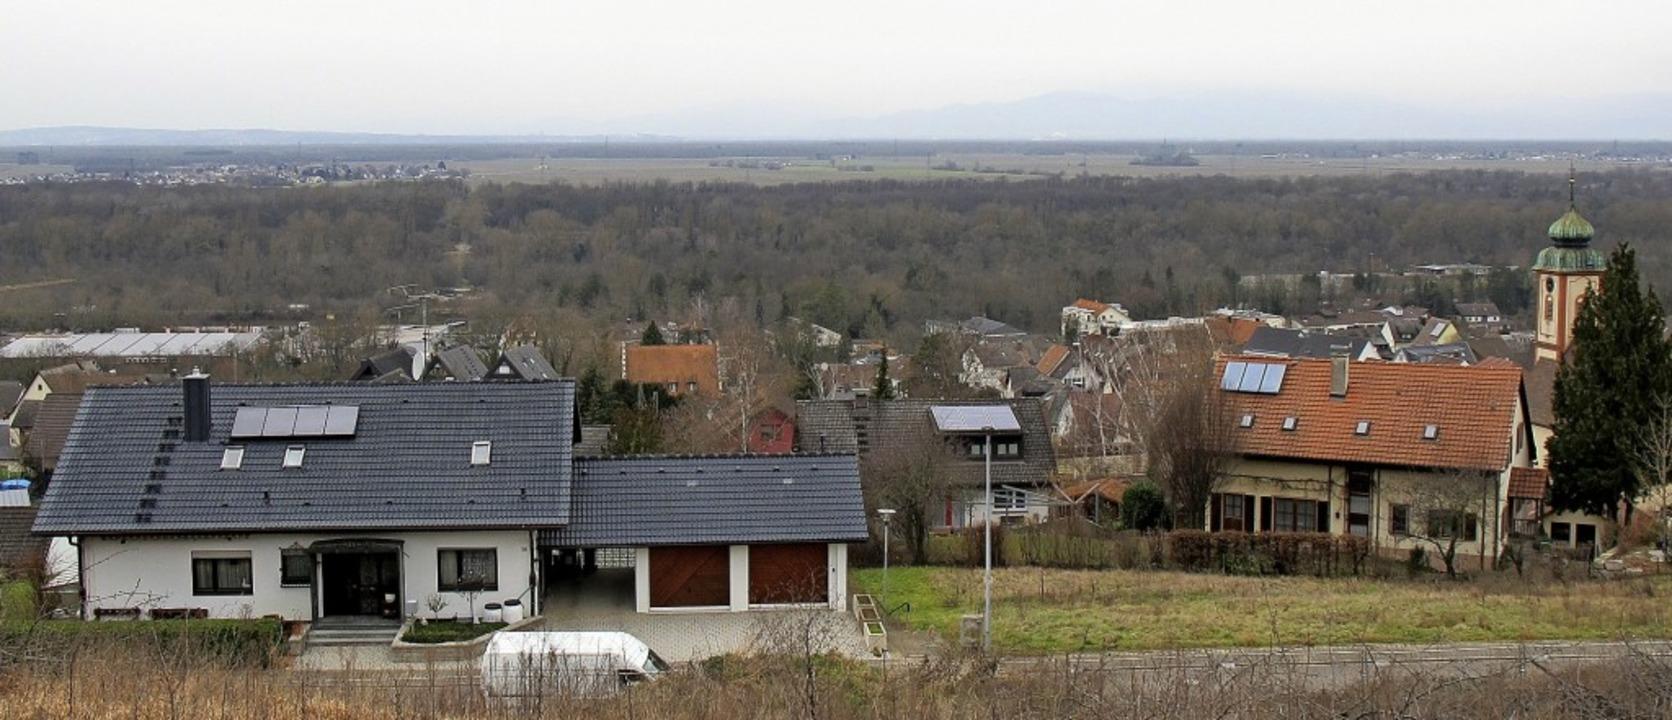 Auf den Dächern von Bad Bellingen ist noch viel Platz für Photovoltaik-Anlagen.   | Foto: Jutta Schütz